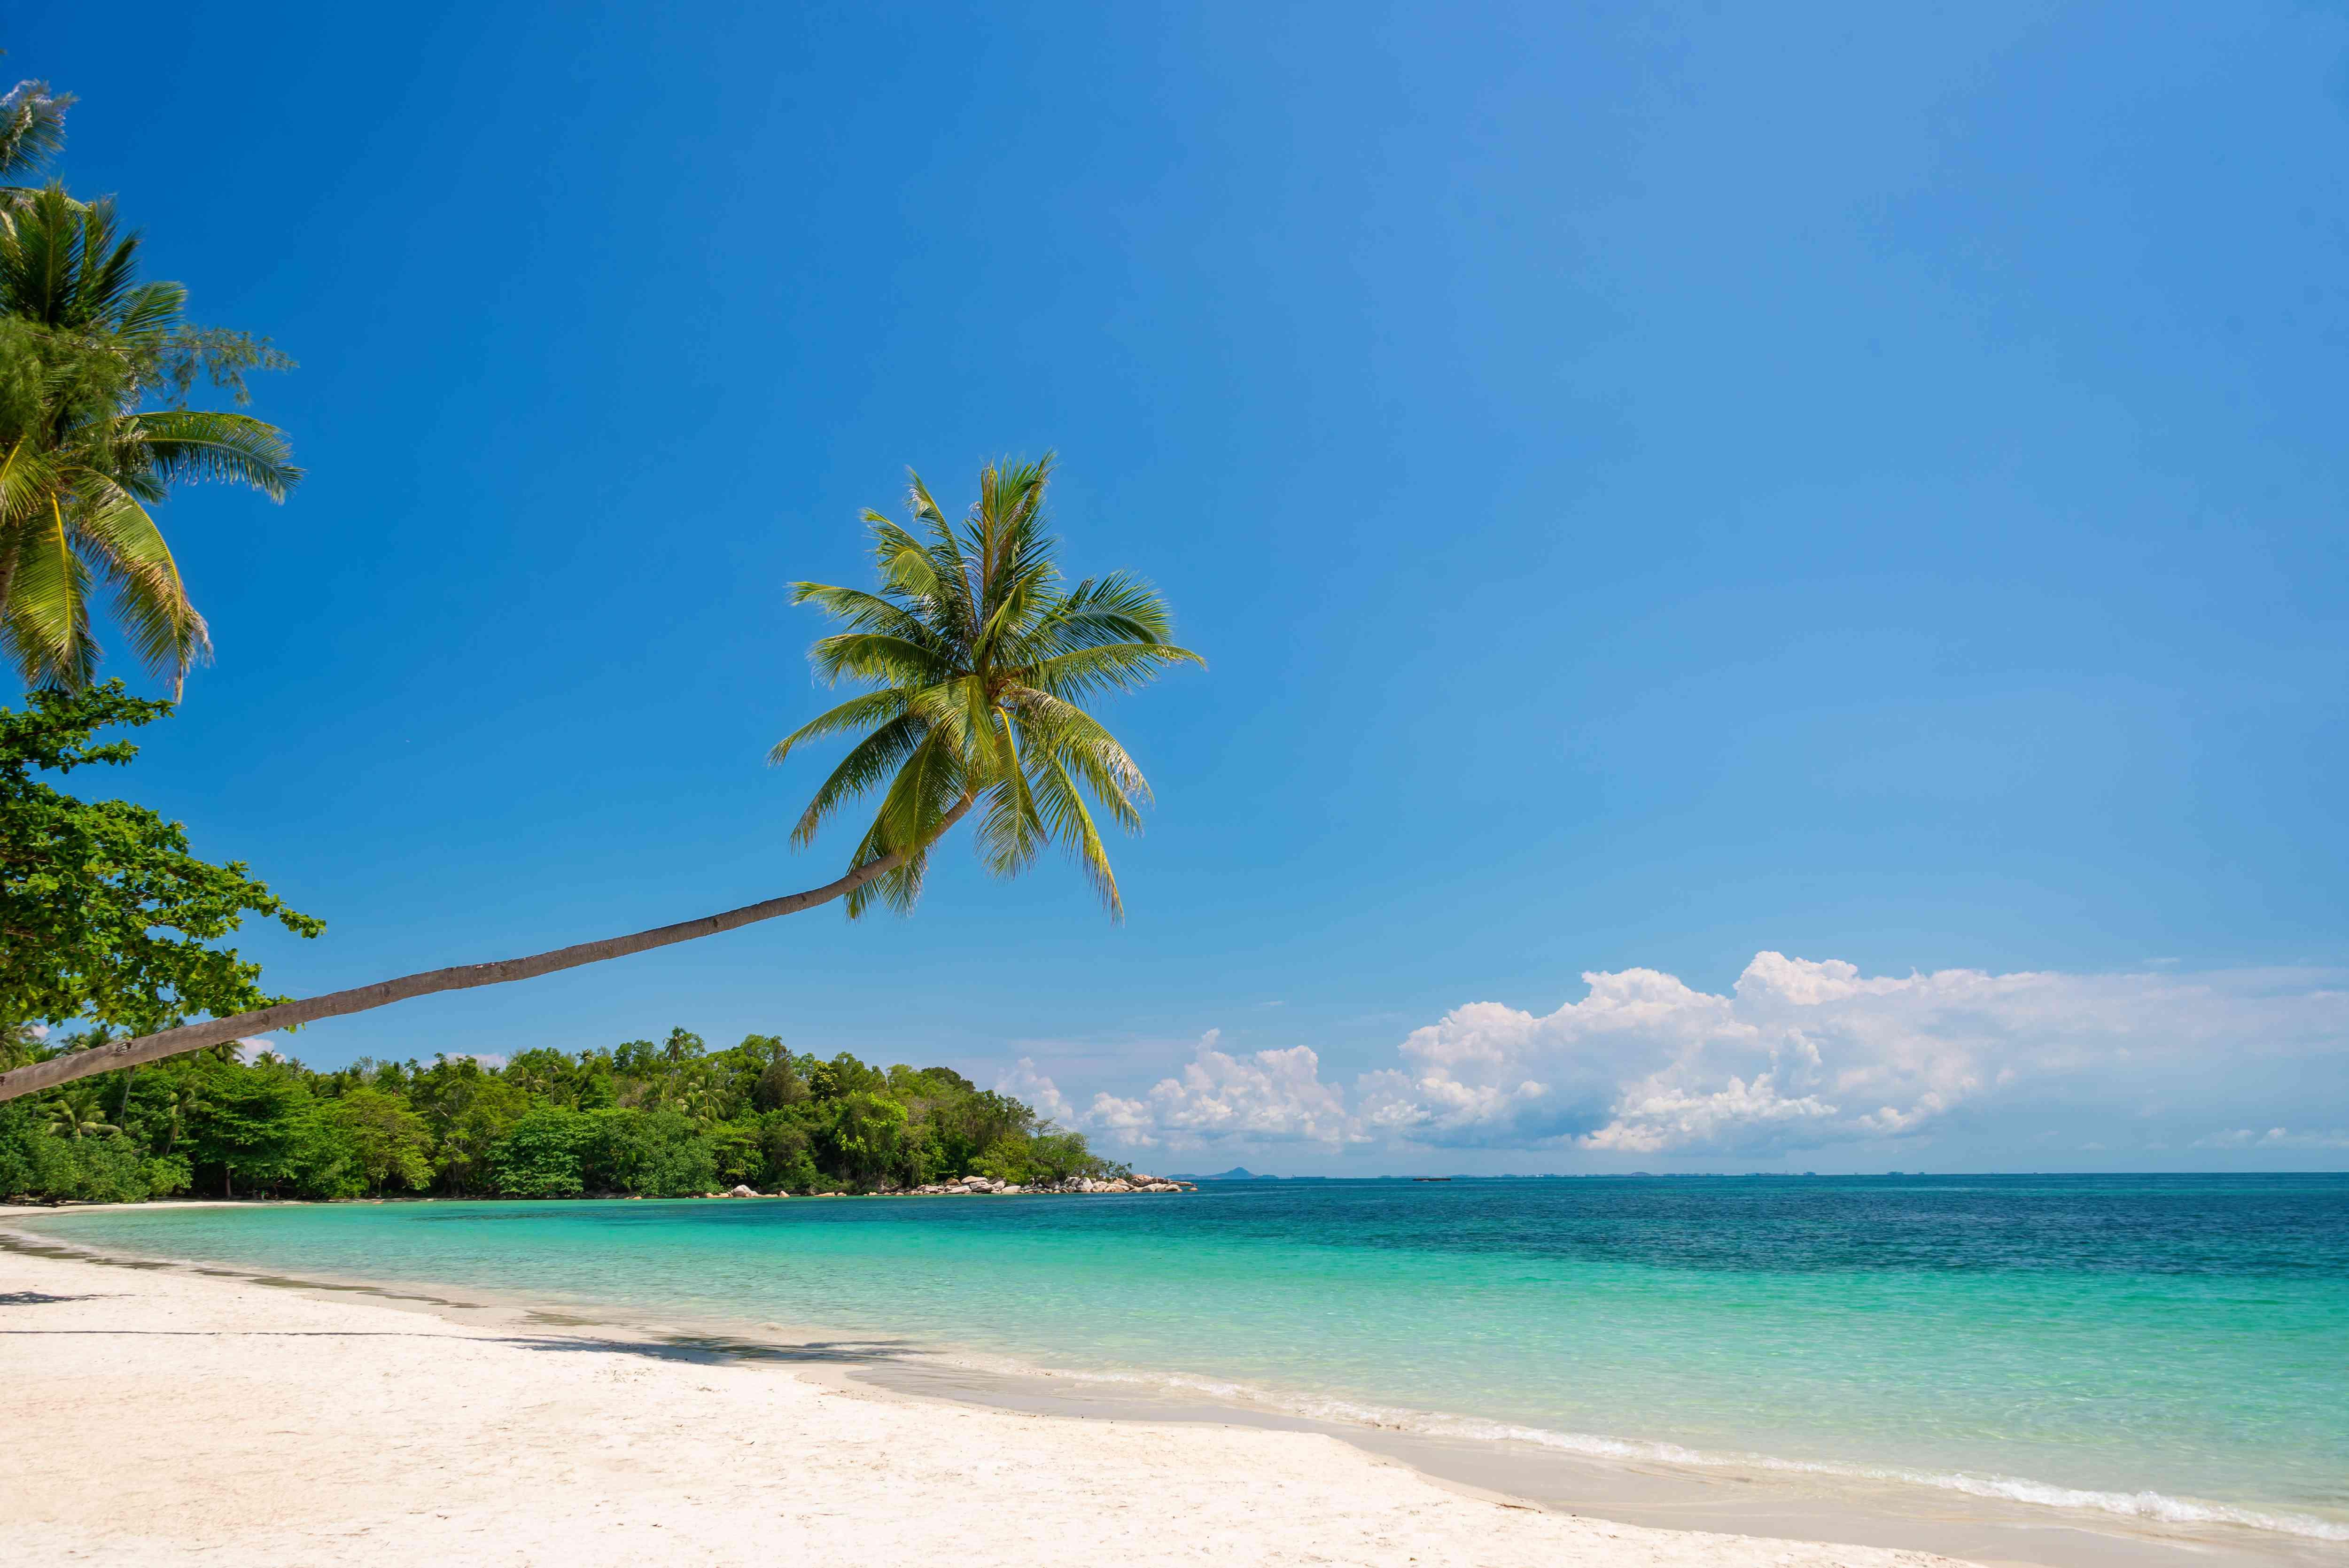 Pristine beach and water at Bintan Island in Sumatra